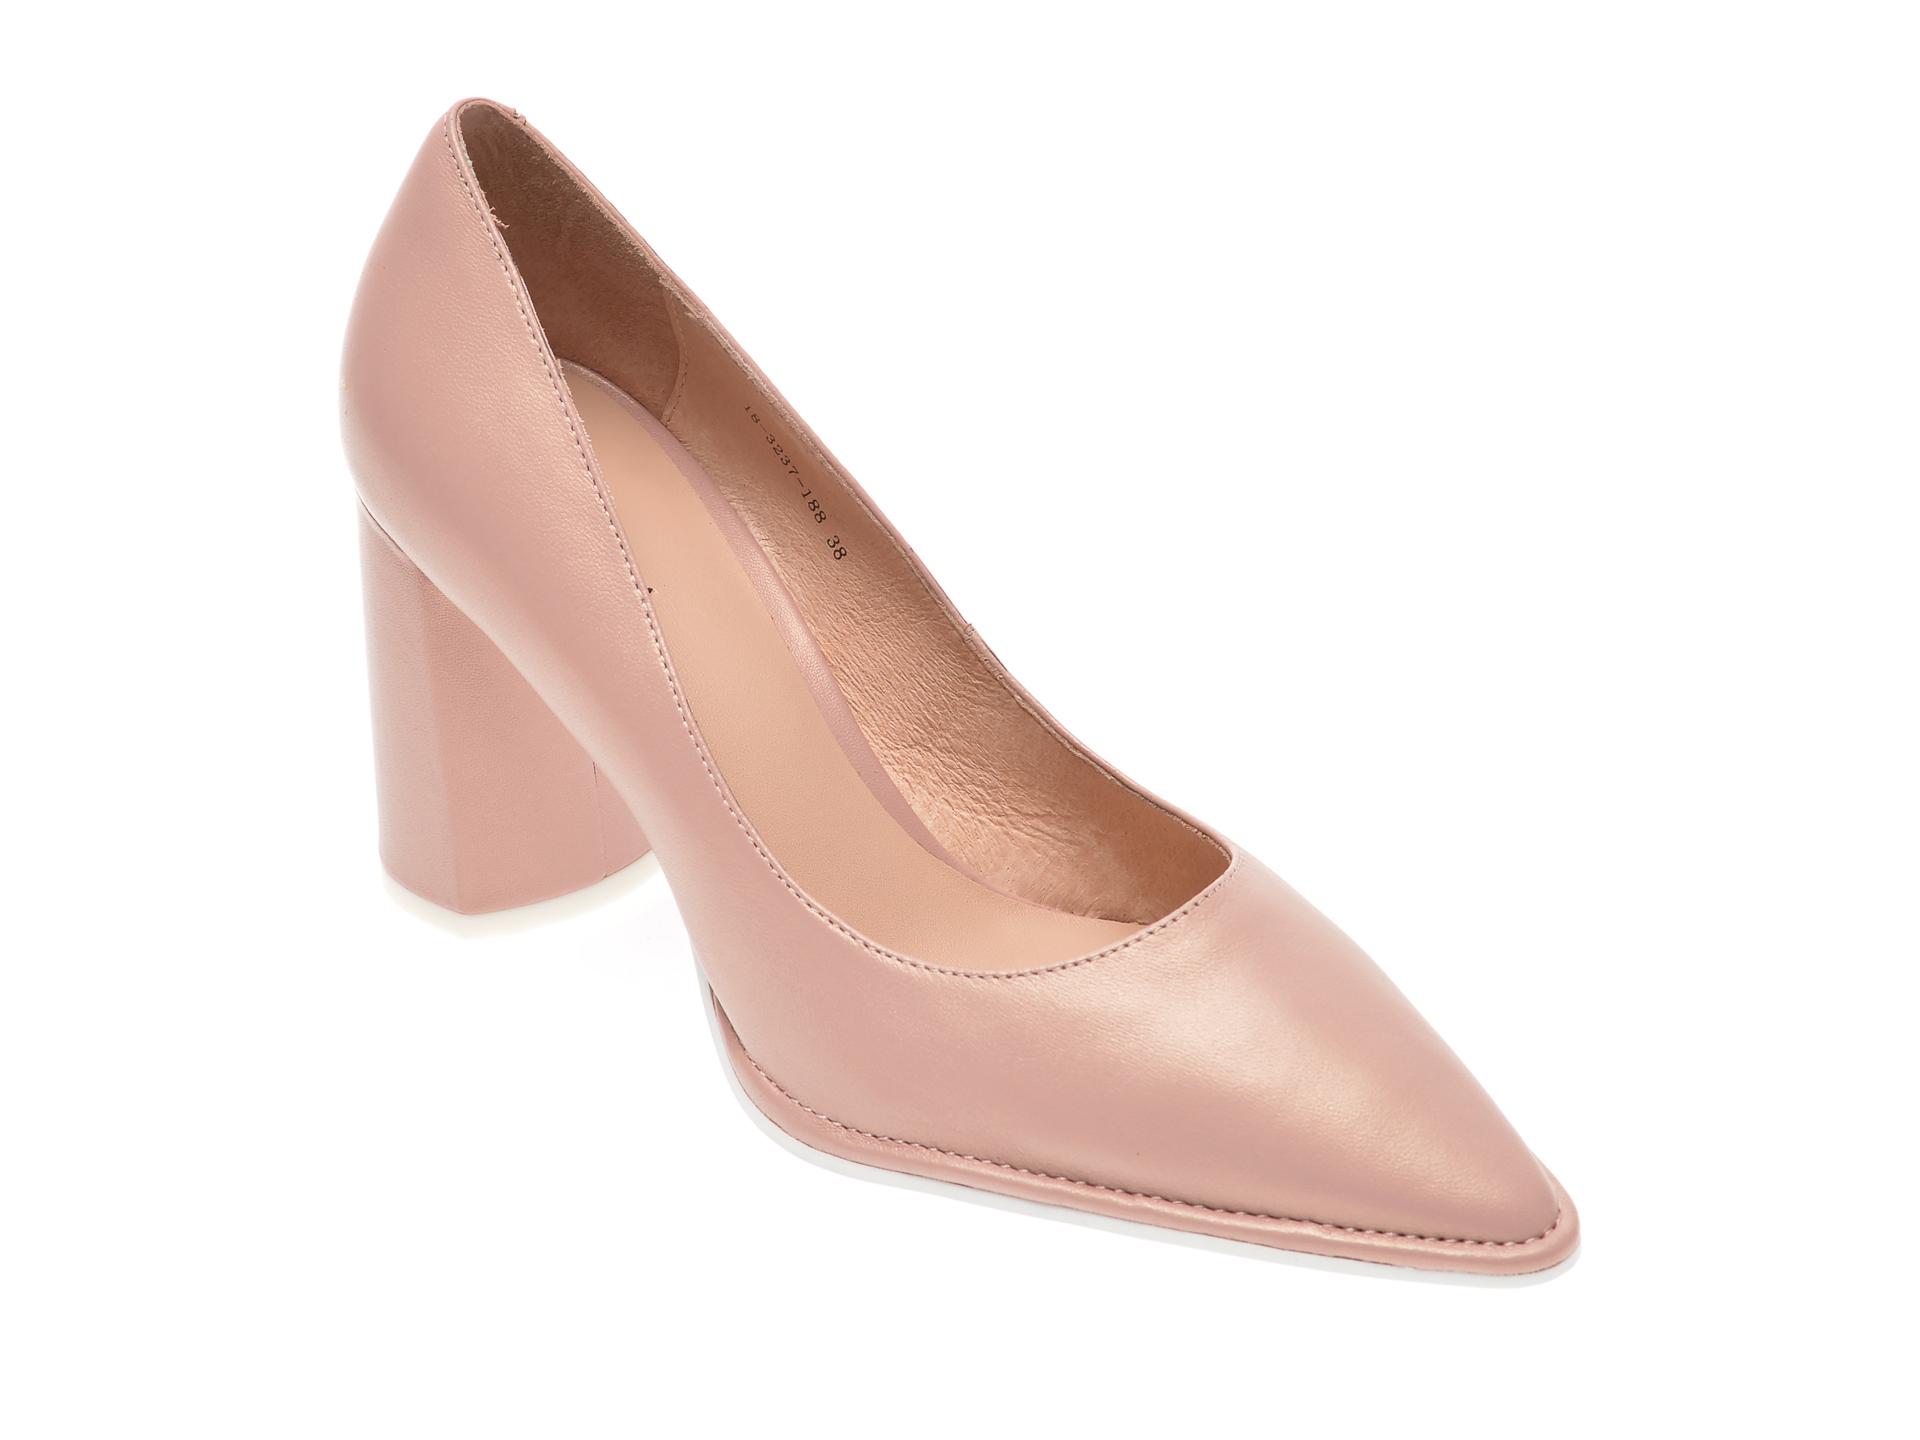 Pantofi EPICA nude, 183237, din piele naturala